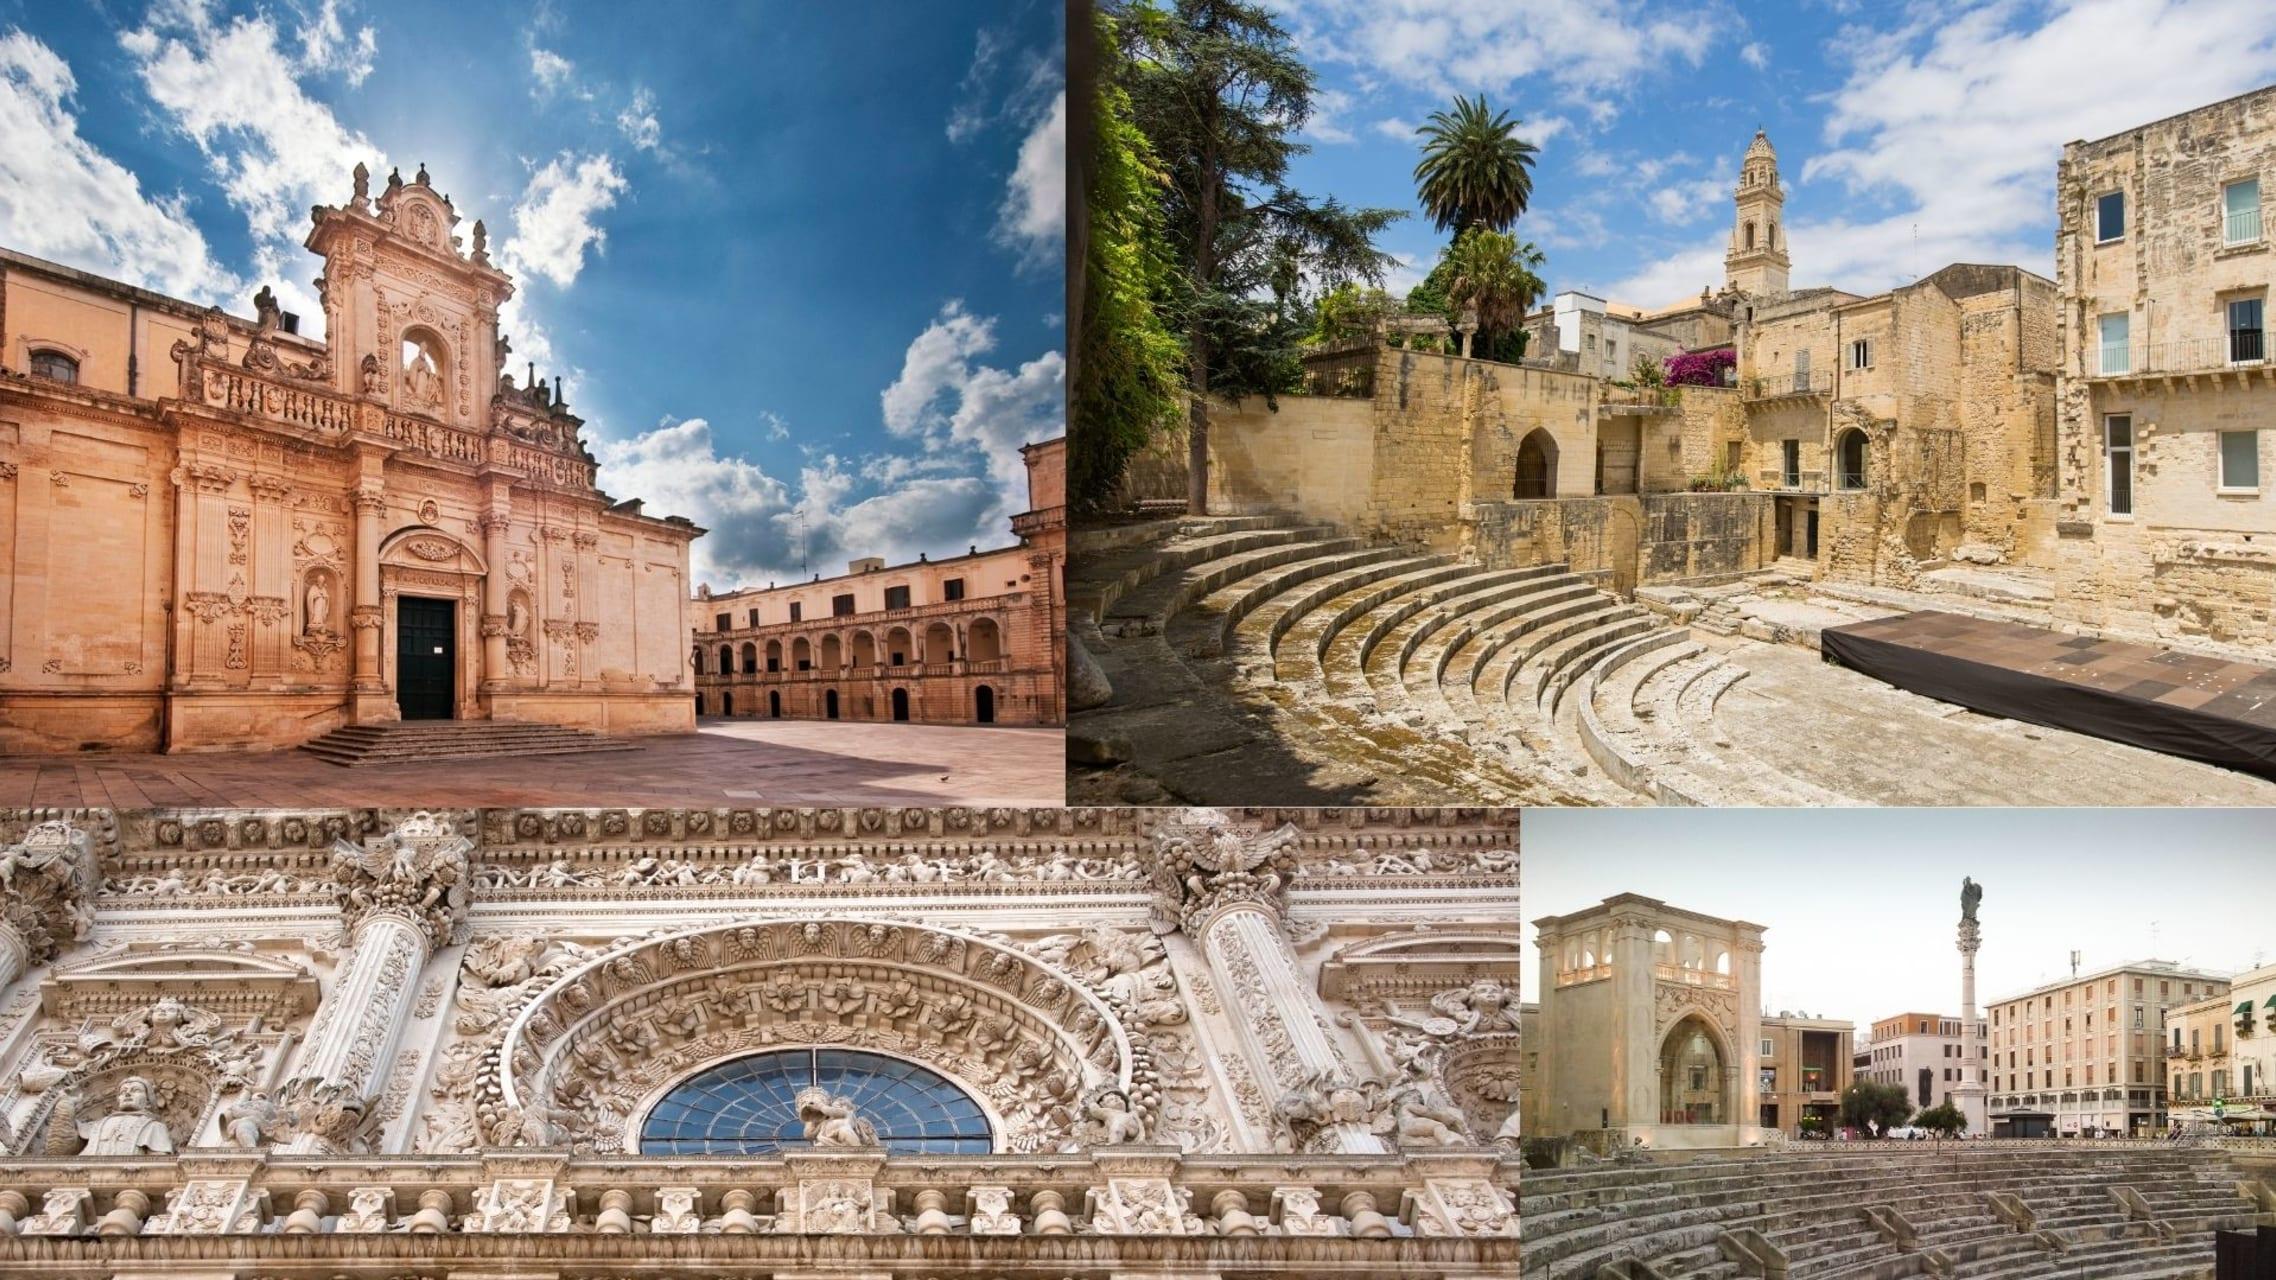 Puglia - Lecce: The Queen of the Baroque and the artistic splendor of Puglia.